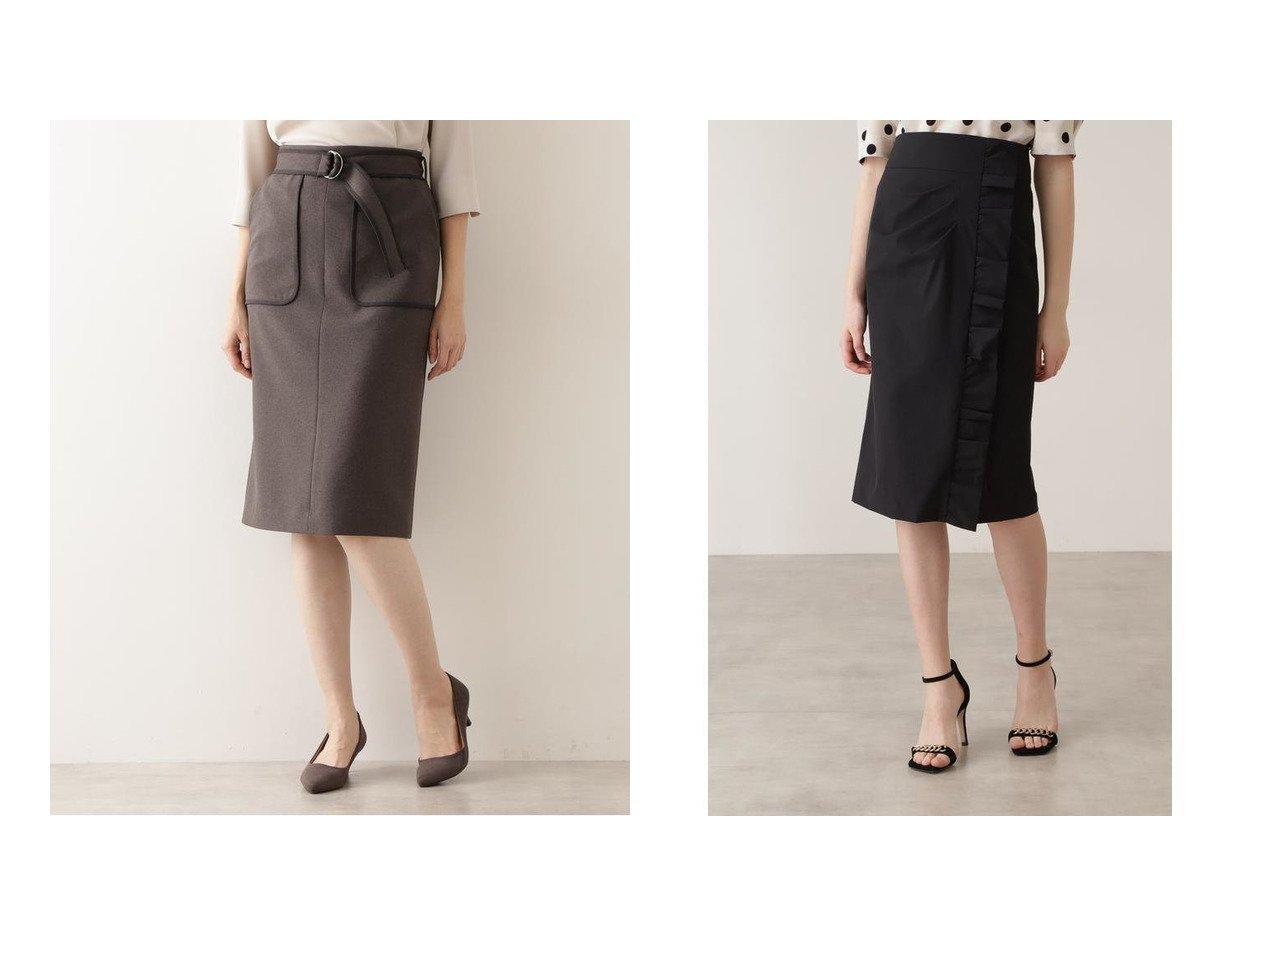 【NATURAL BEAUTY BASIC/ナチュラル ビューティー ベーシック】のバイカラータイトスカート&【Pinky&Dianne/ピンキーアンドダイアン】のサイドギャザーデザインスカート 【スカート】おすすめ!人気、トレンド・レディースファッションの通販 おすすめで人気の流行・トレンド、ファッションの通販商品 インテリア・家具・メンズファッション・キッズファッション・レディースファッション・服の通販 founy(ファニー) https://founy.com/ ファッション Fashion レディースファッション WOMEN スカート Skirt スタンダード タイトスカート ポケット 再入荷 Restock/Back in Stock/Re Arrival |ID:crp329100000040804